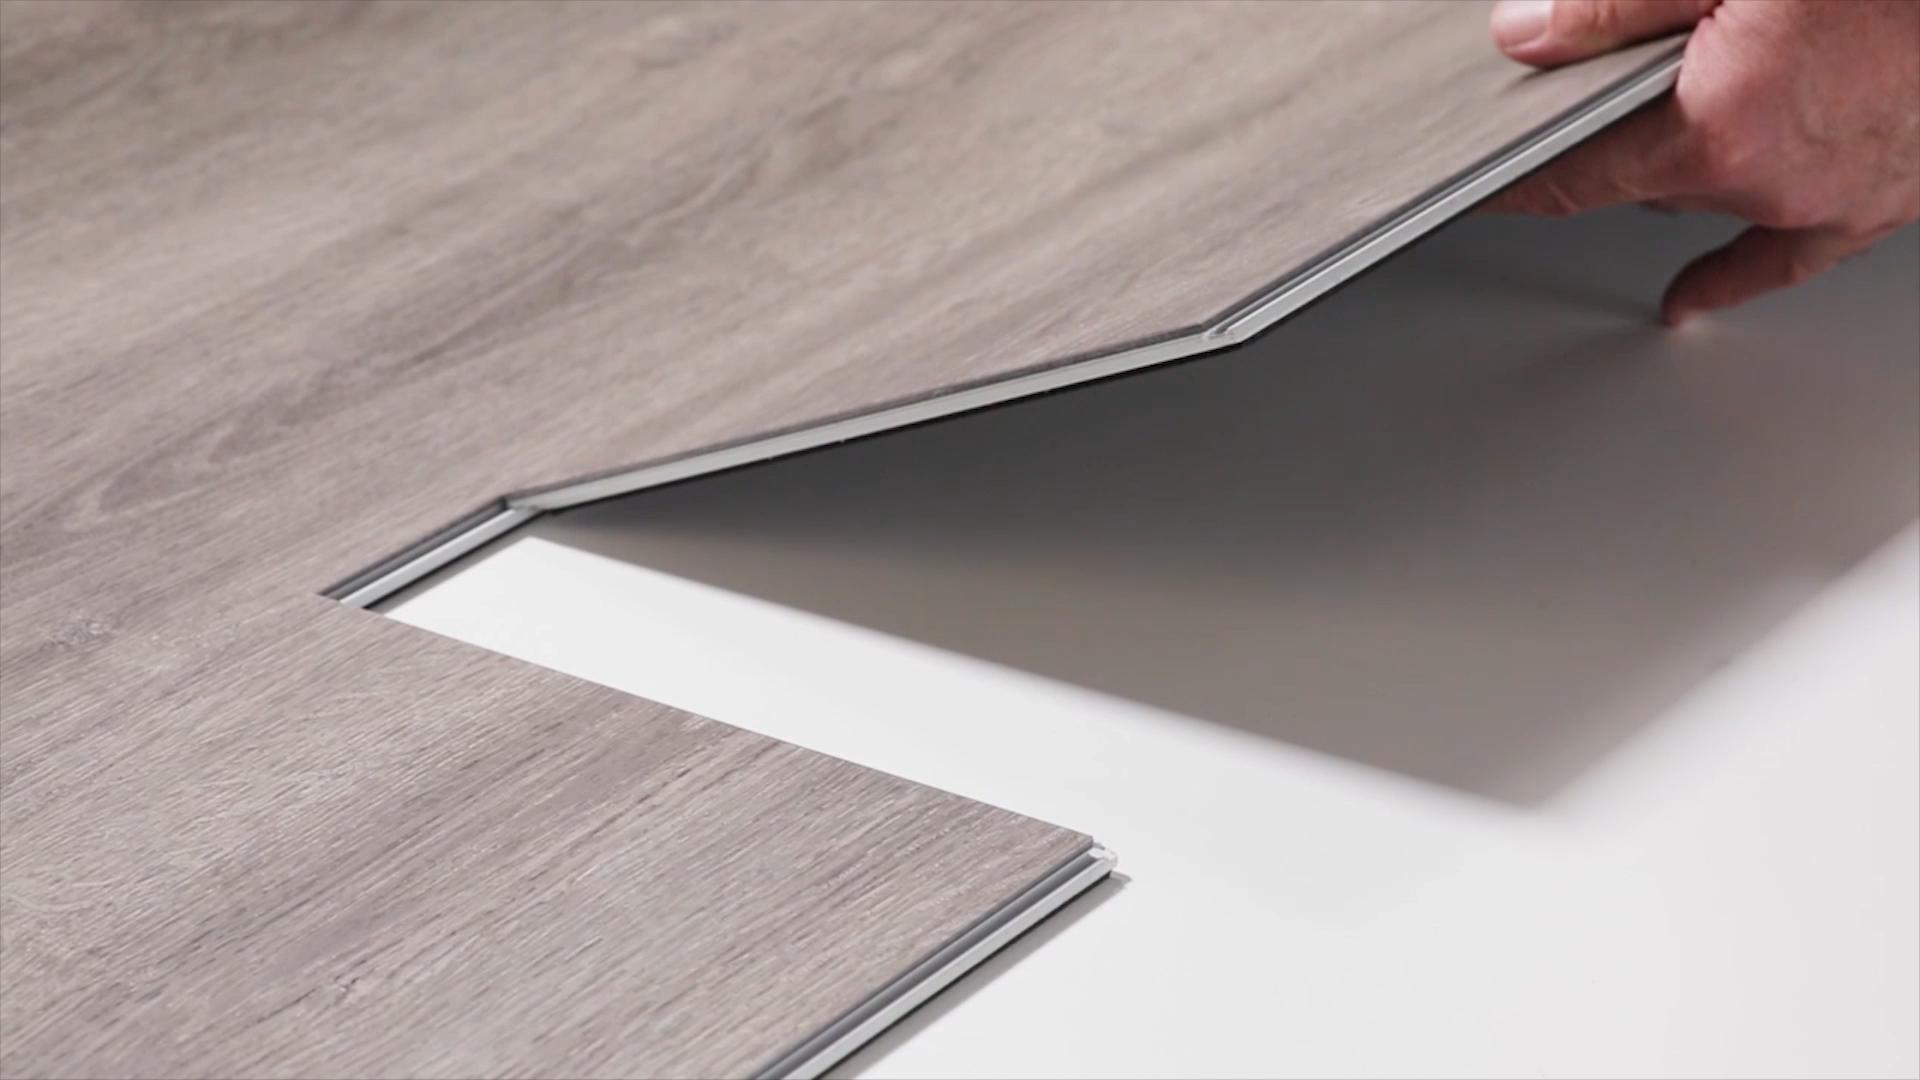 Độ Dày 4Mm Spc Flooring Click Plank Gạch Pvc Linh Hoạt Và Tấm Peel Và Stick Vinyl Sàn Gạch Không Thấm Nước Sàn